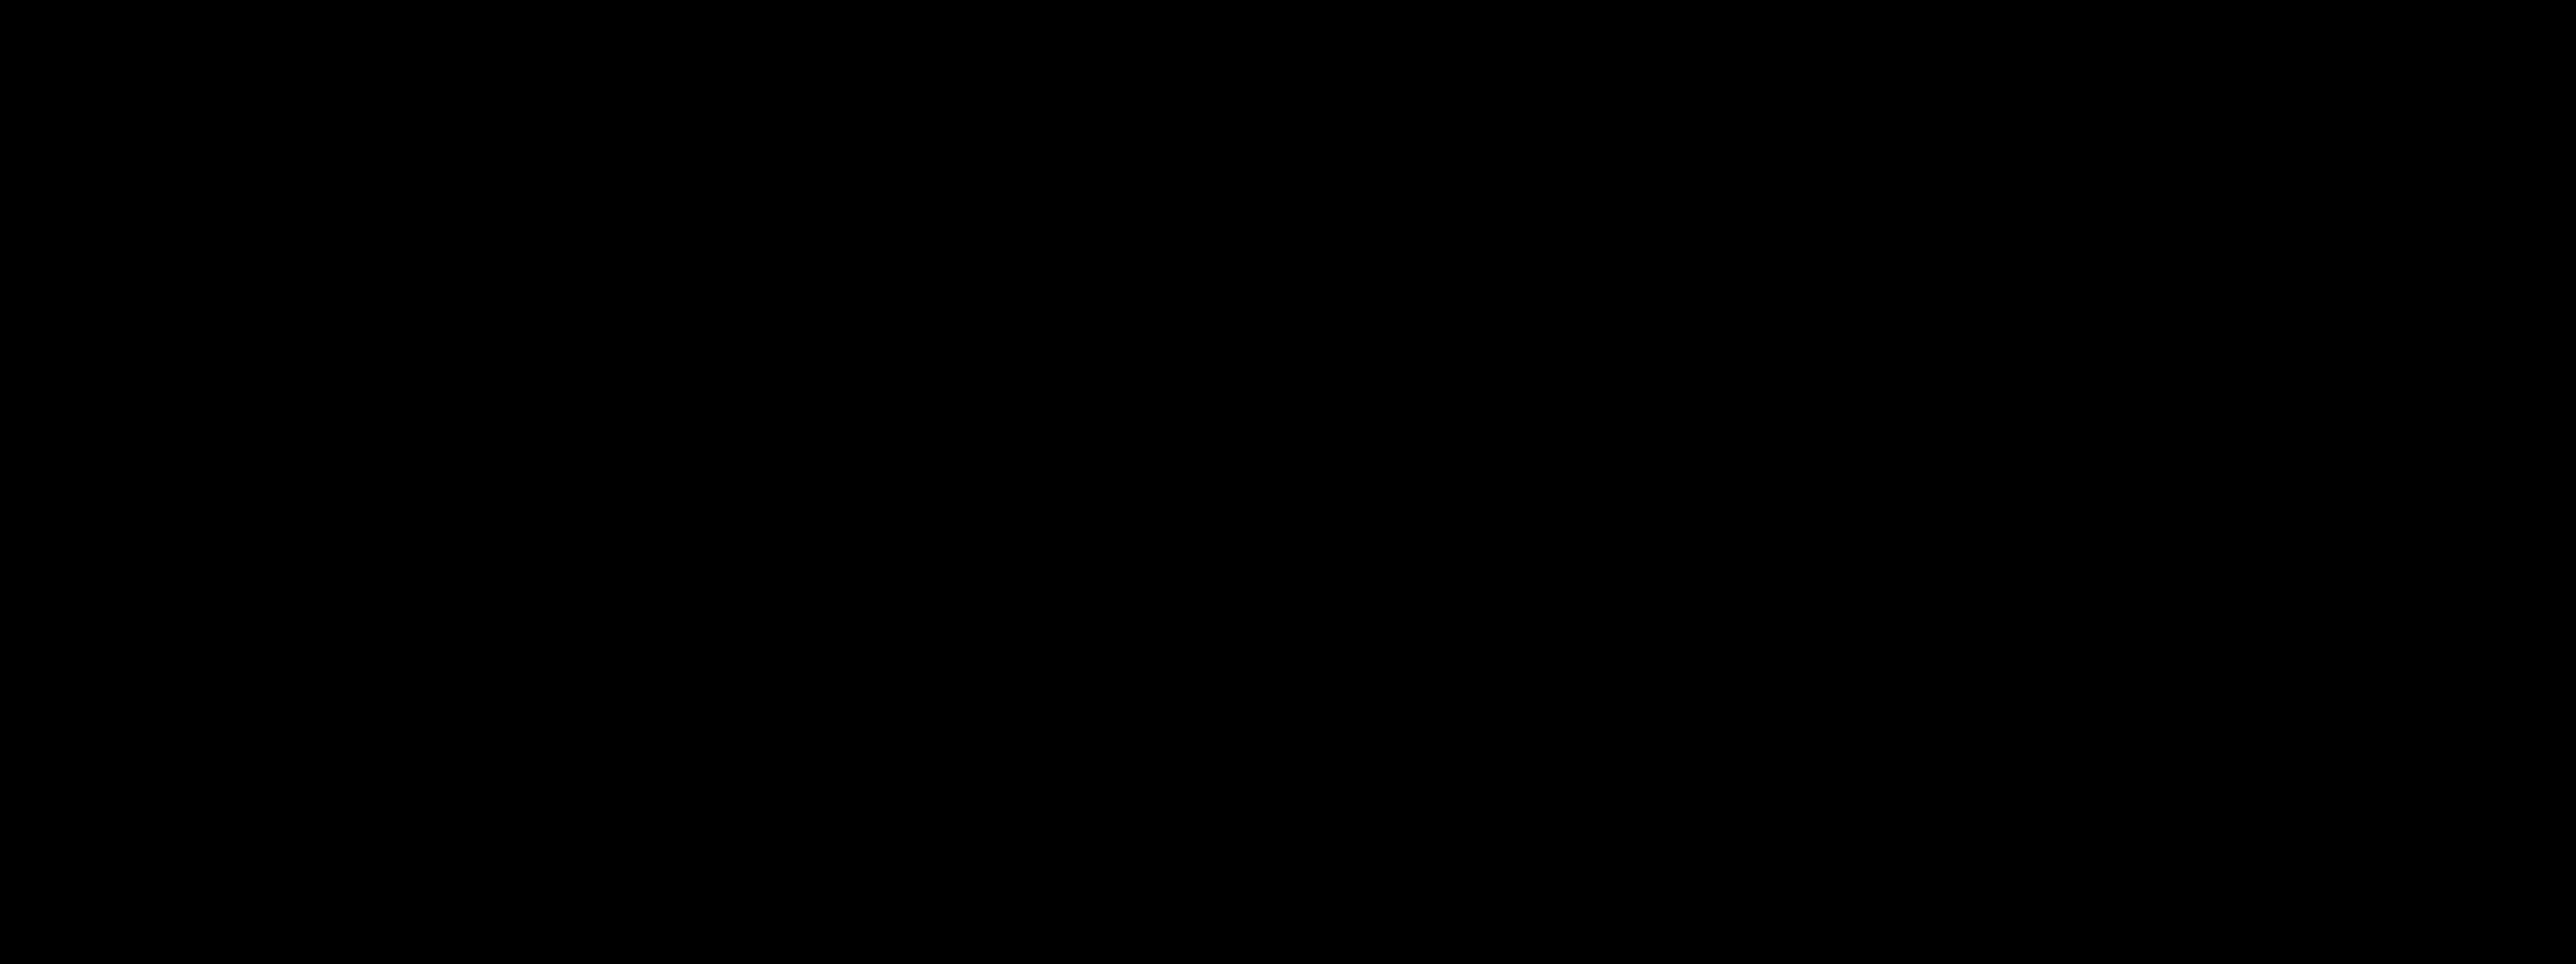 Sam Mancuso